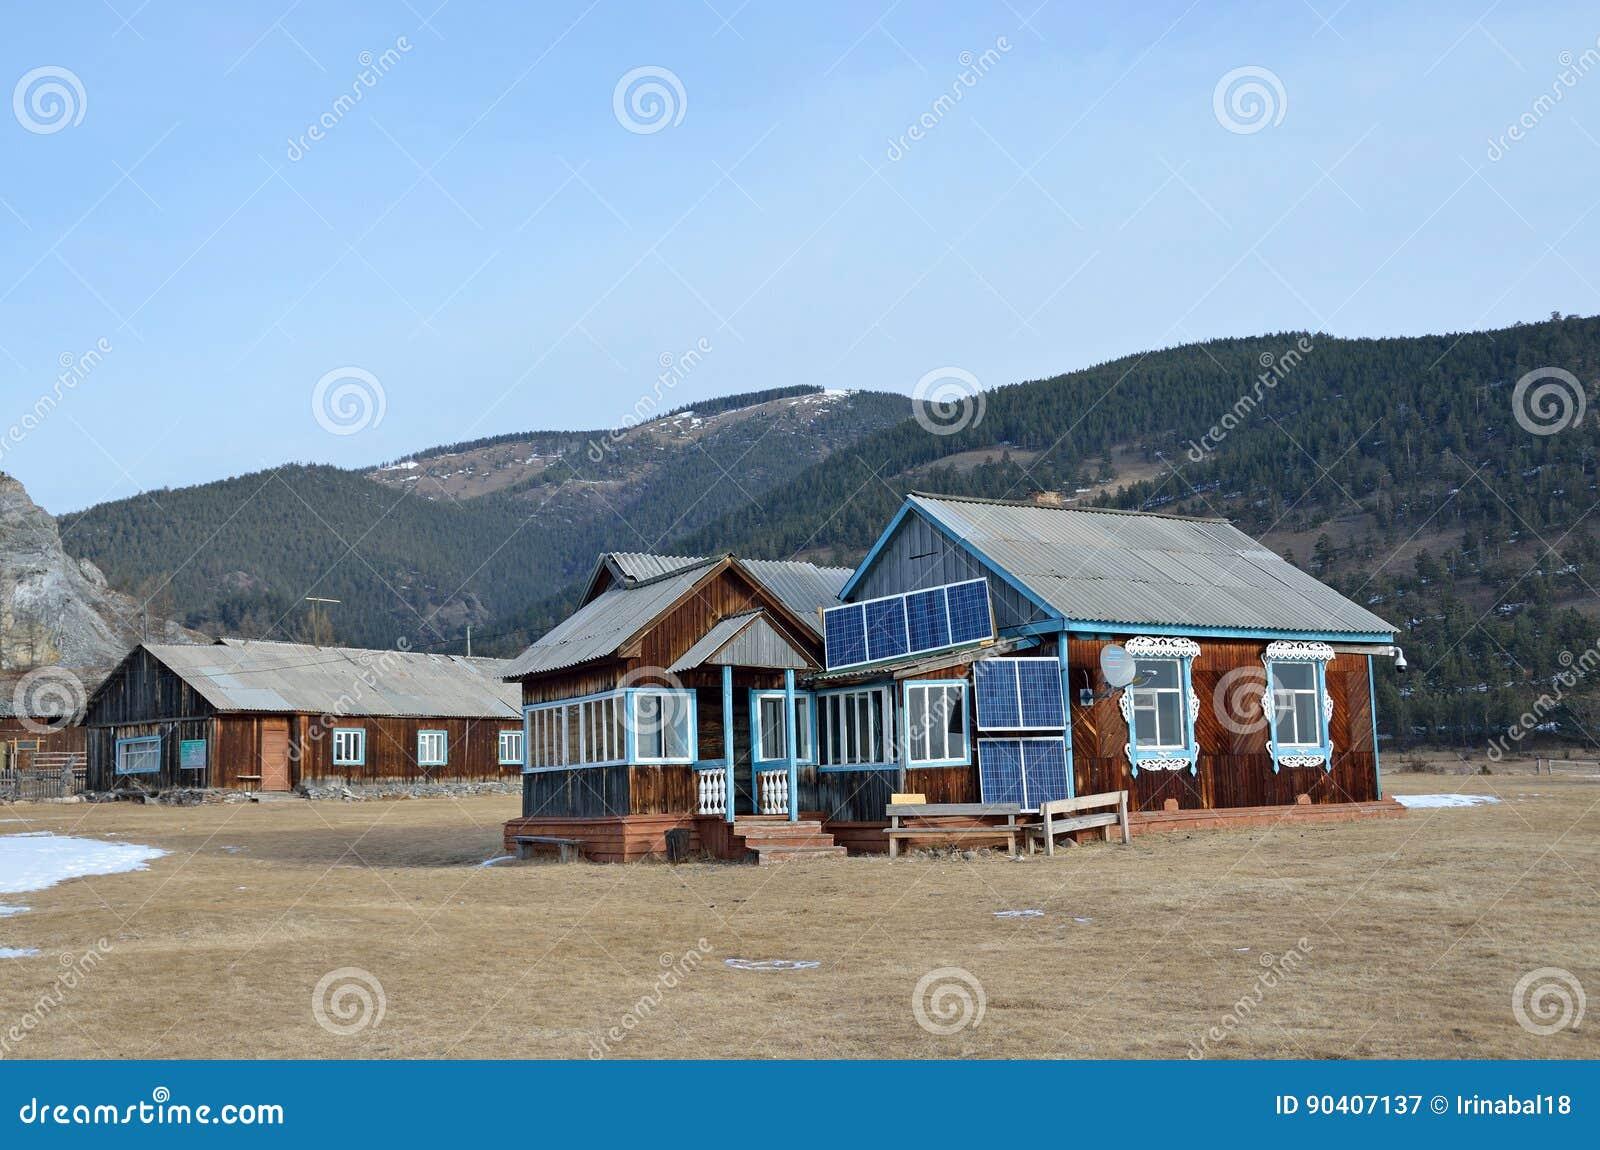 Ξύλινο σπίτι σε ένα χειμερινό πρωί στην ακτή της λίμνης Baikal κοντά στο ακρωτήριο Bolshoy Kadilniy